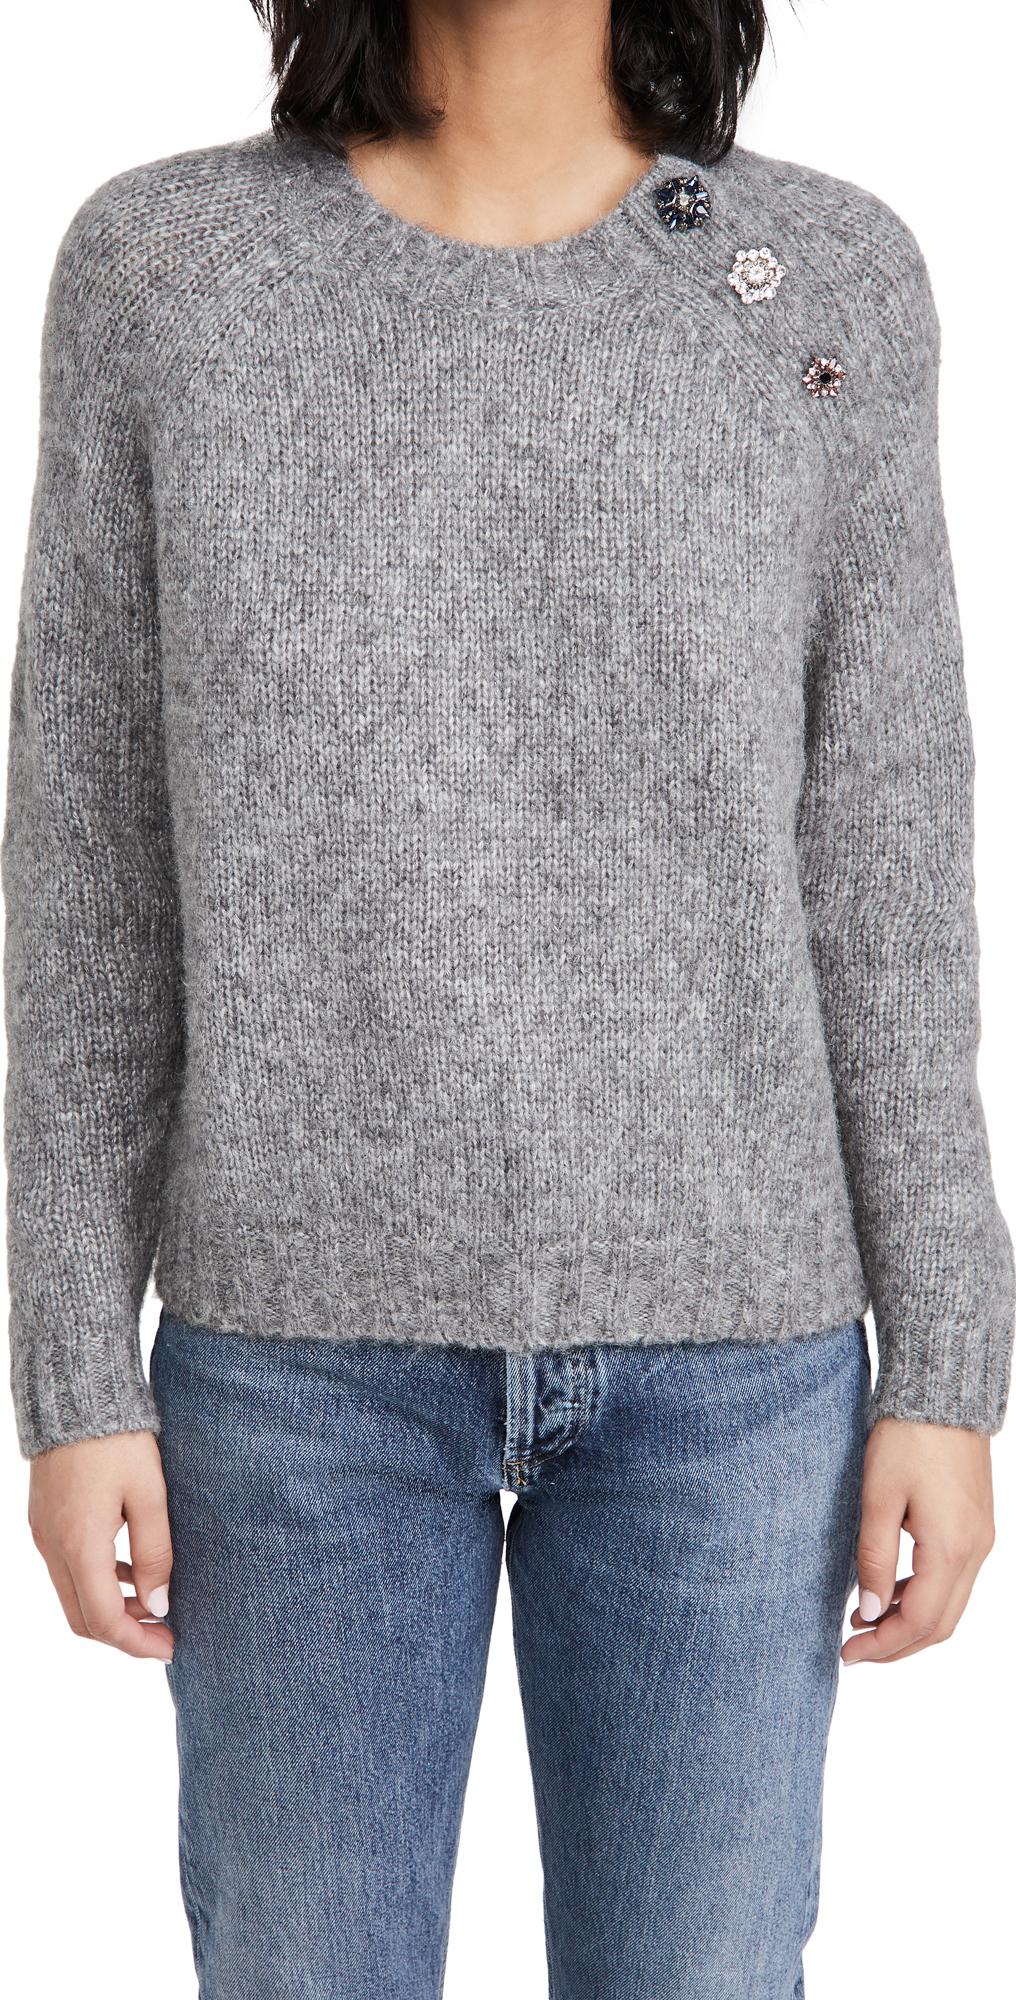 Ba & sh Jude Sweater